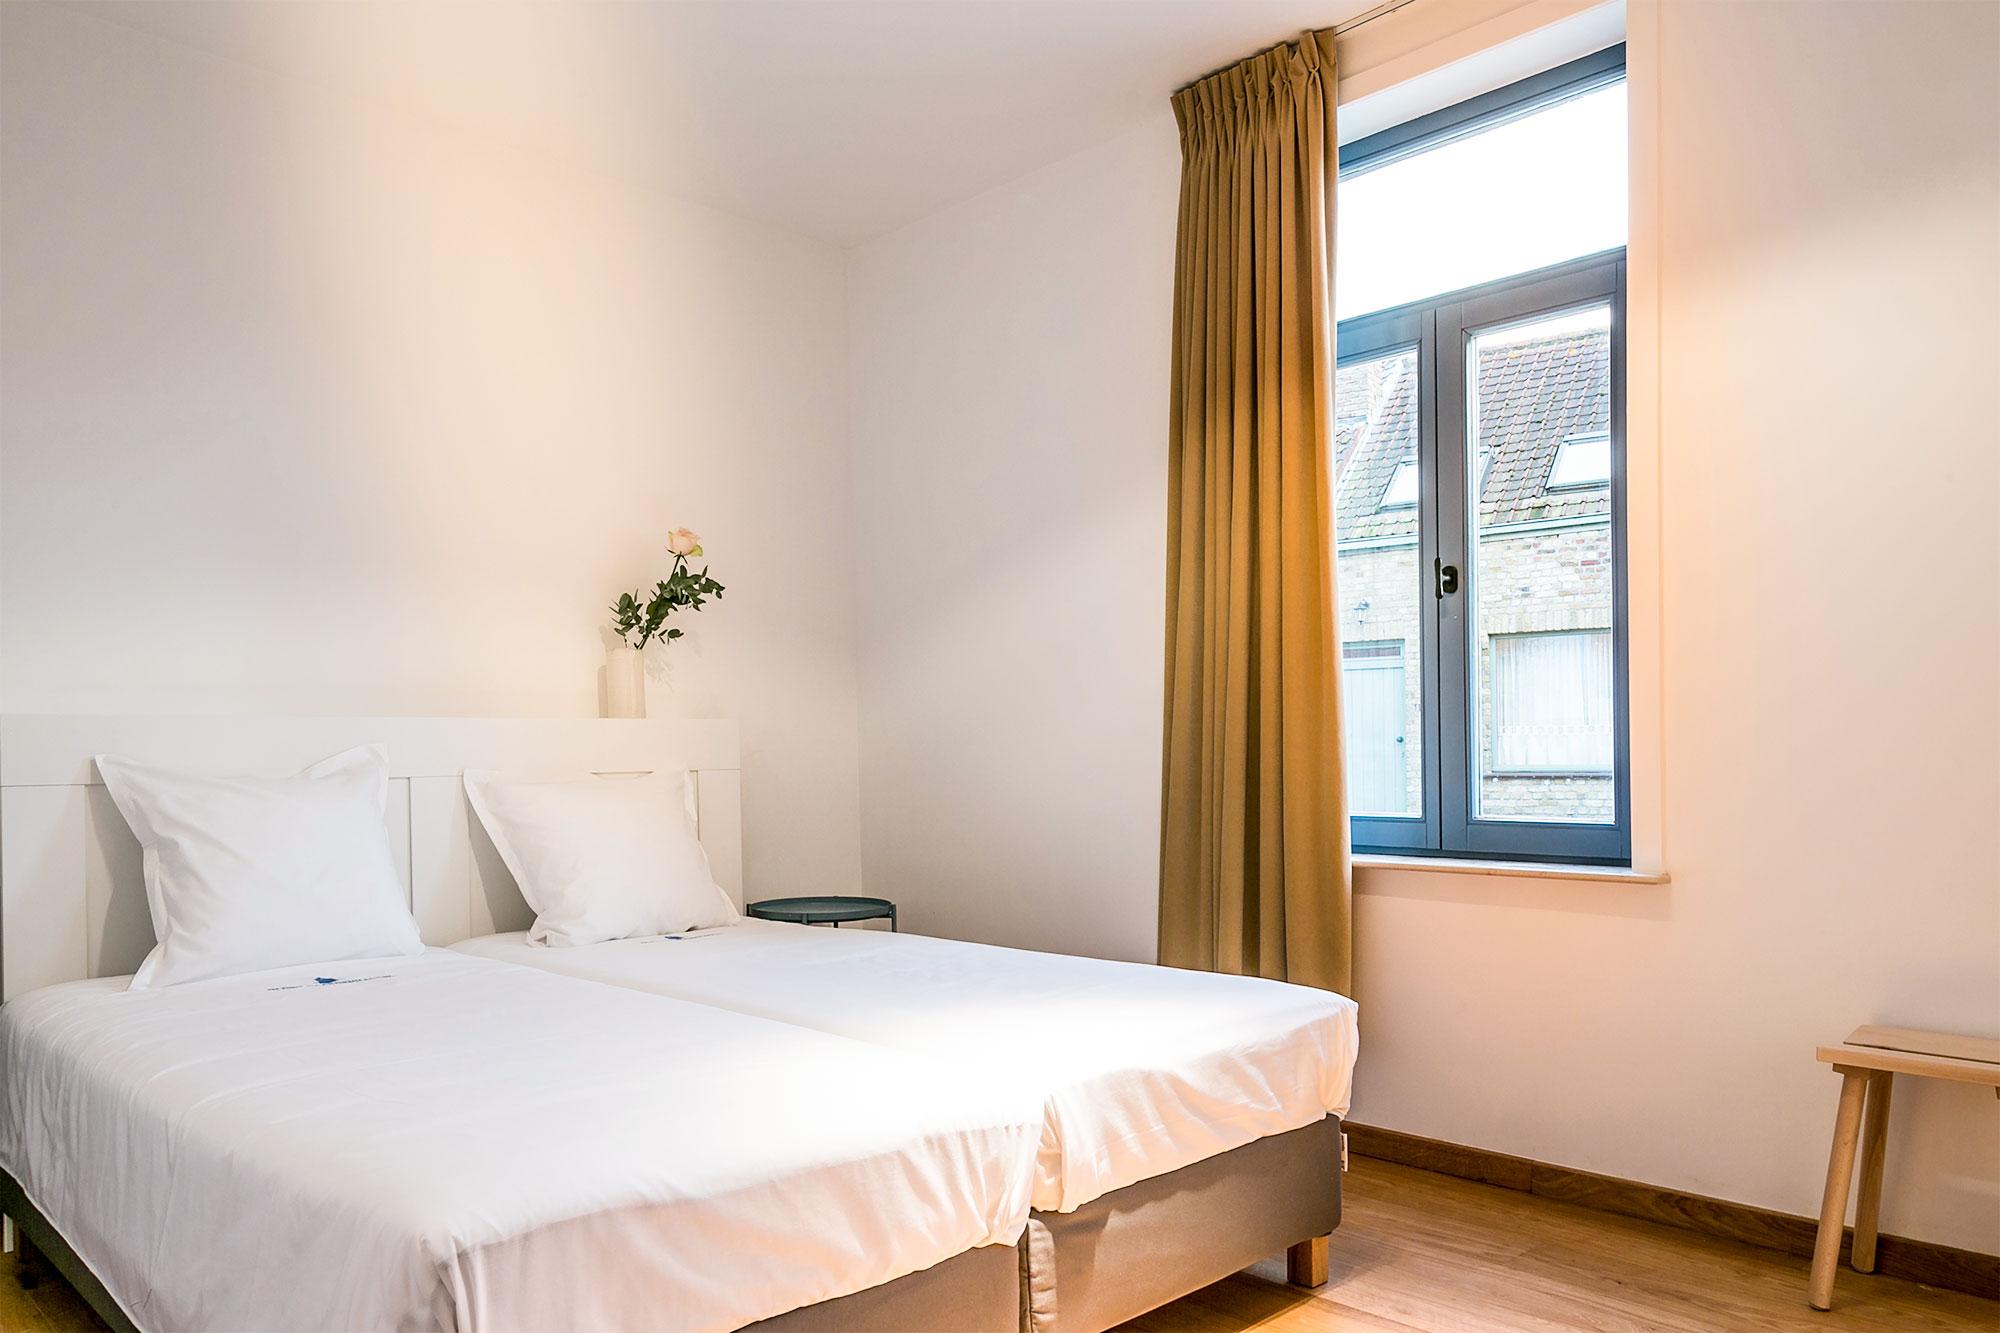 vakantiehuis te huur - lichtrijke slaapkamer